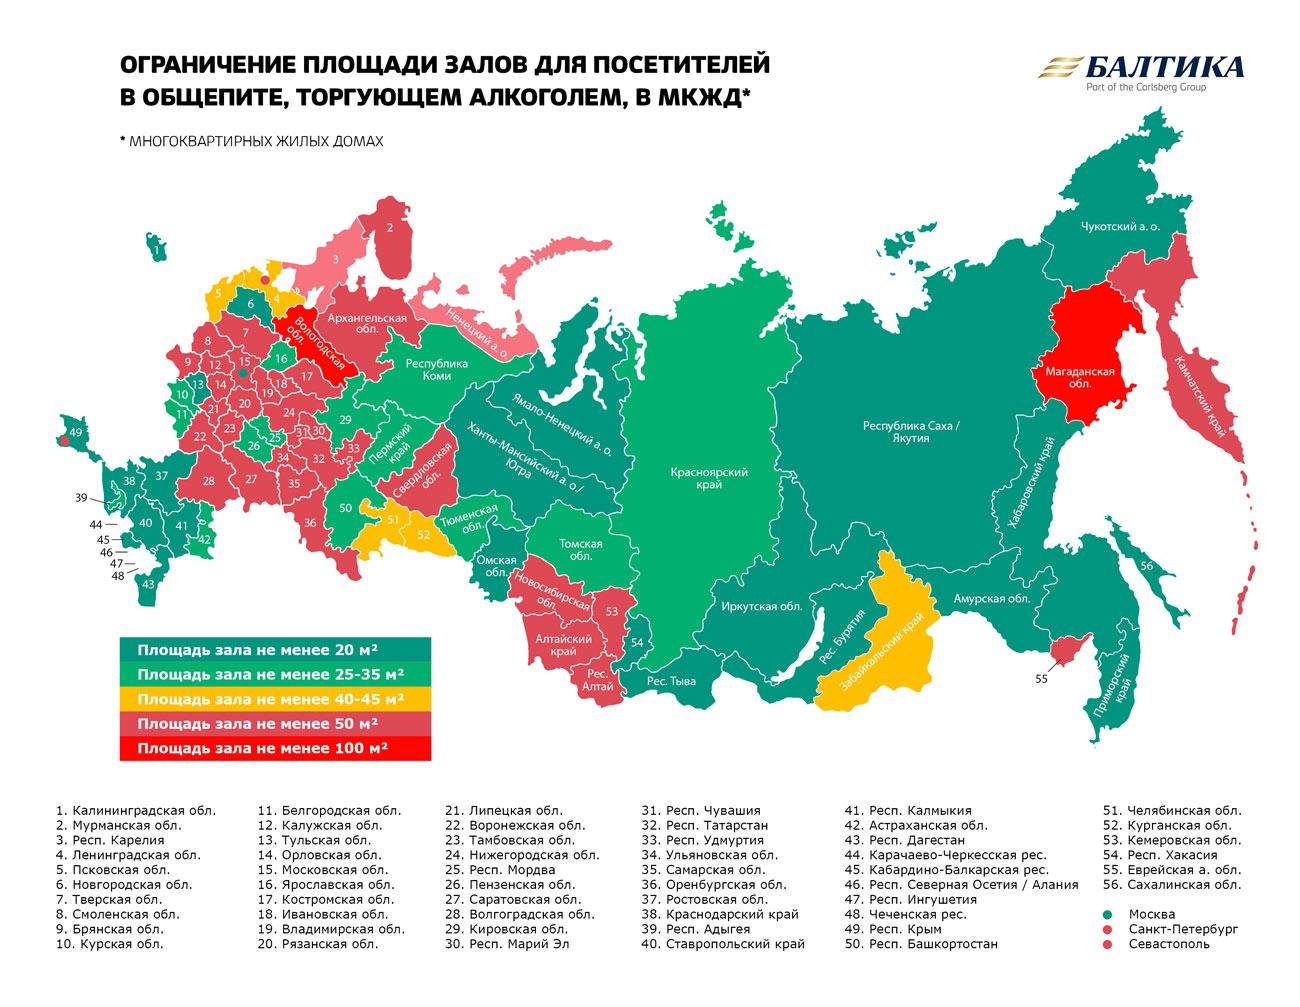 """Россия. """"Балтика"""" провела исследование о последствиях ограничения площадей общепита"""